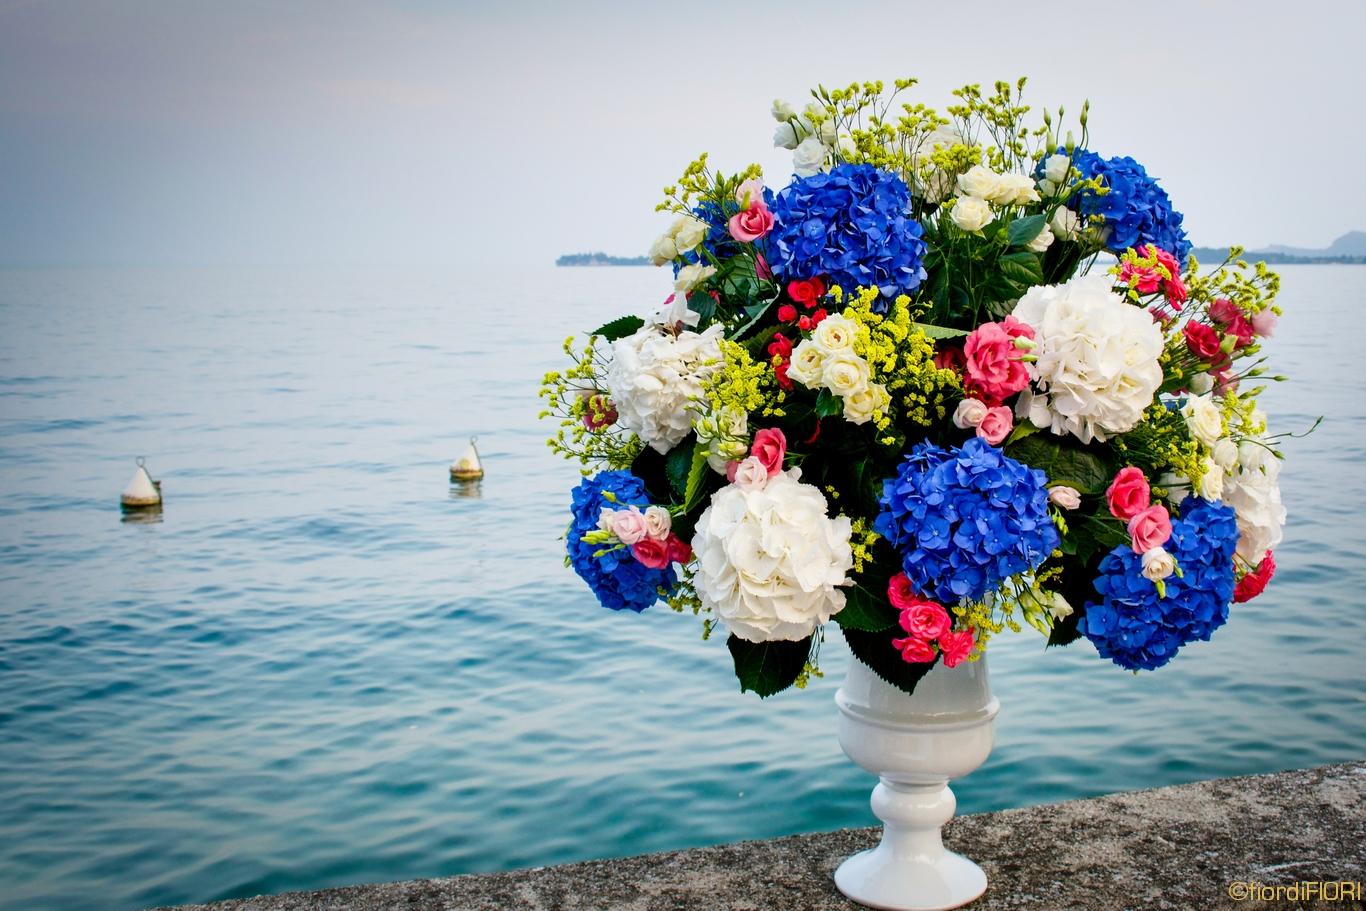 Matrimonio Tema Lago : Fiordifiori matrimonio al lago